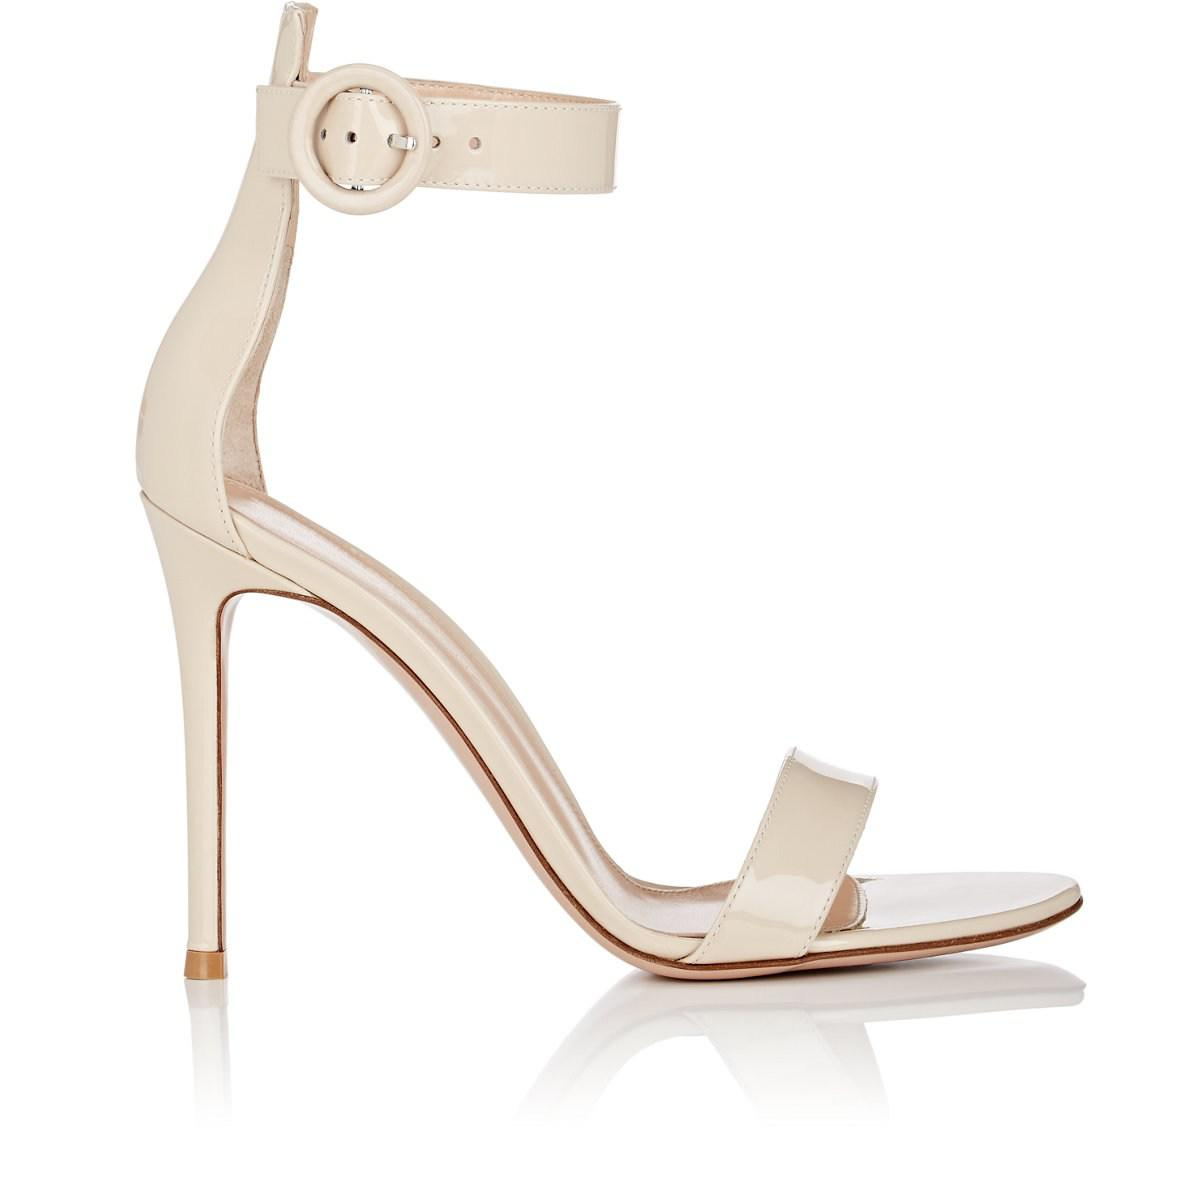 a6bb580f629 Gianvito Rossi. Women s Natural Portofino Patent Leather Ankle-strap Sandals